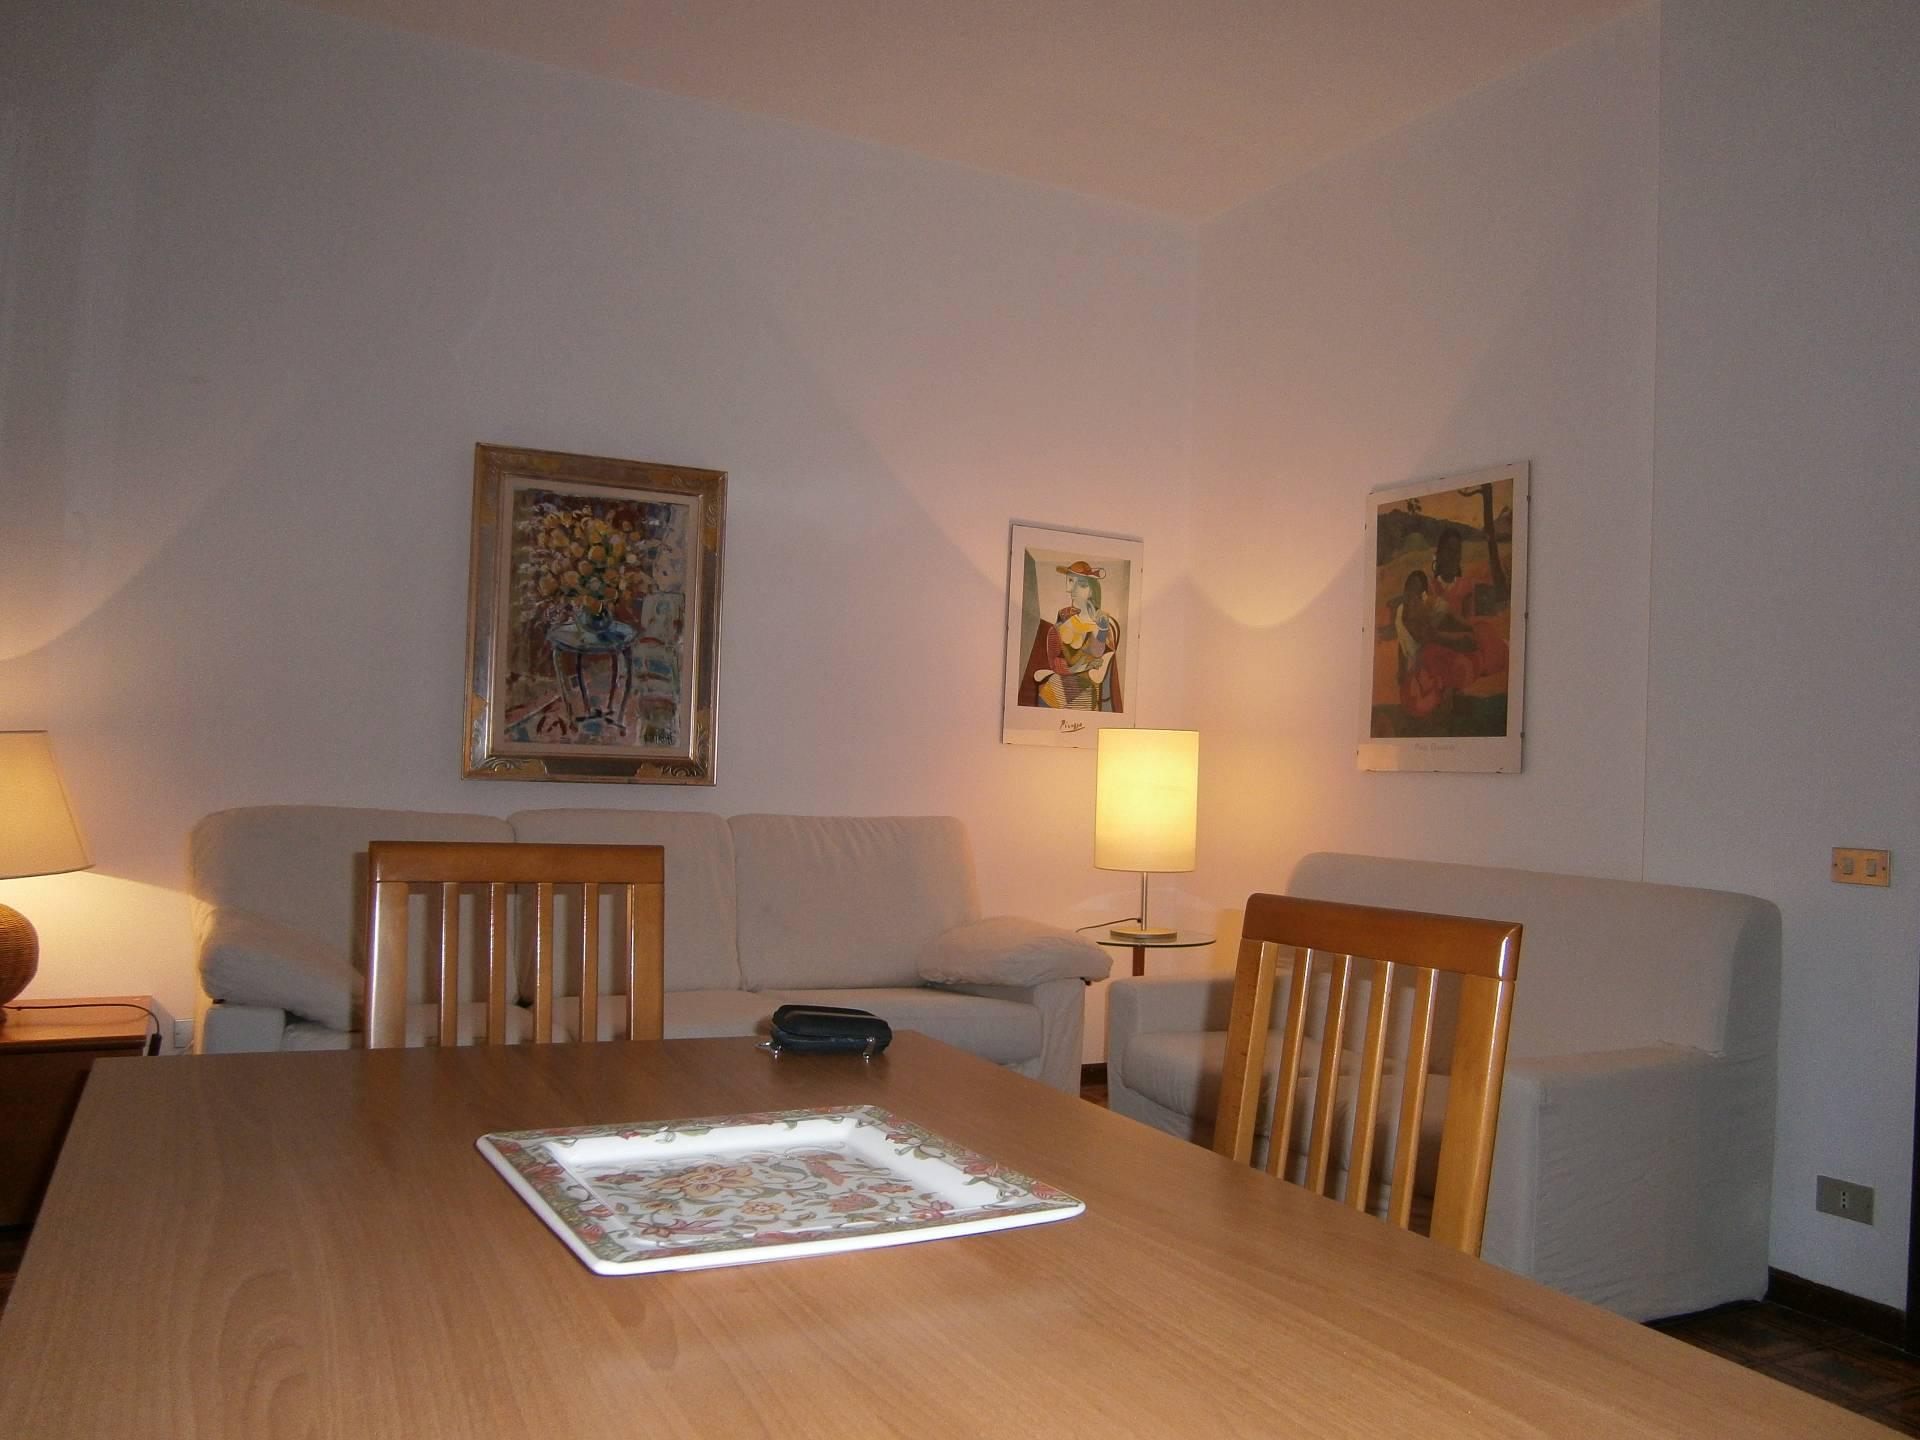 Appartamento in affitto a Quartu Sant'Elena, 2 locali, zona Località: MusicistiStranieri, prezzo € 500 | Cambio Casa.it